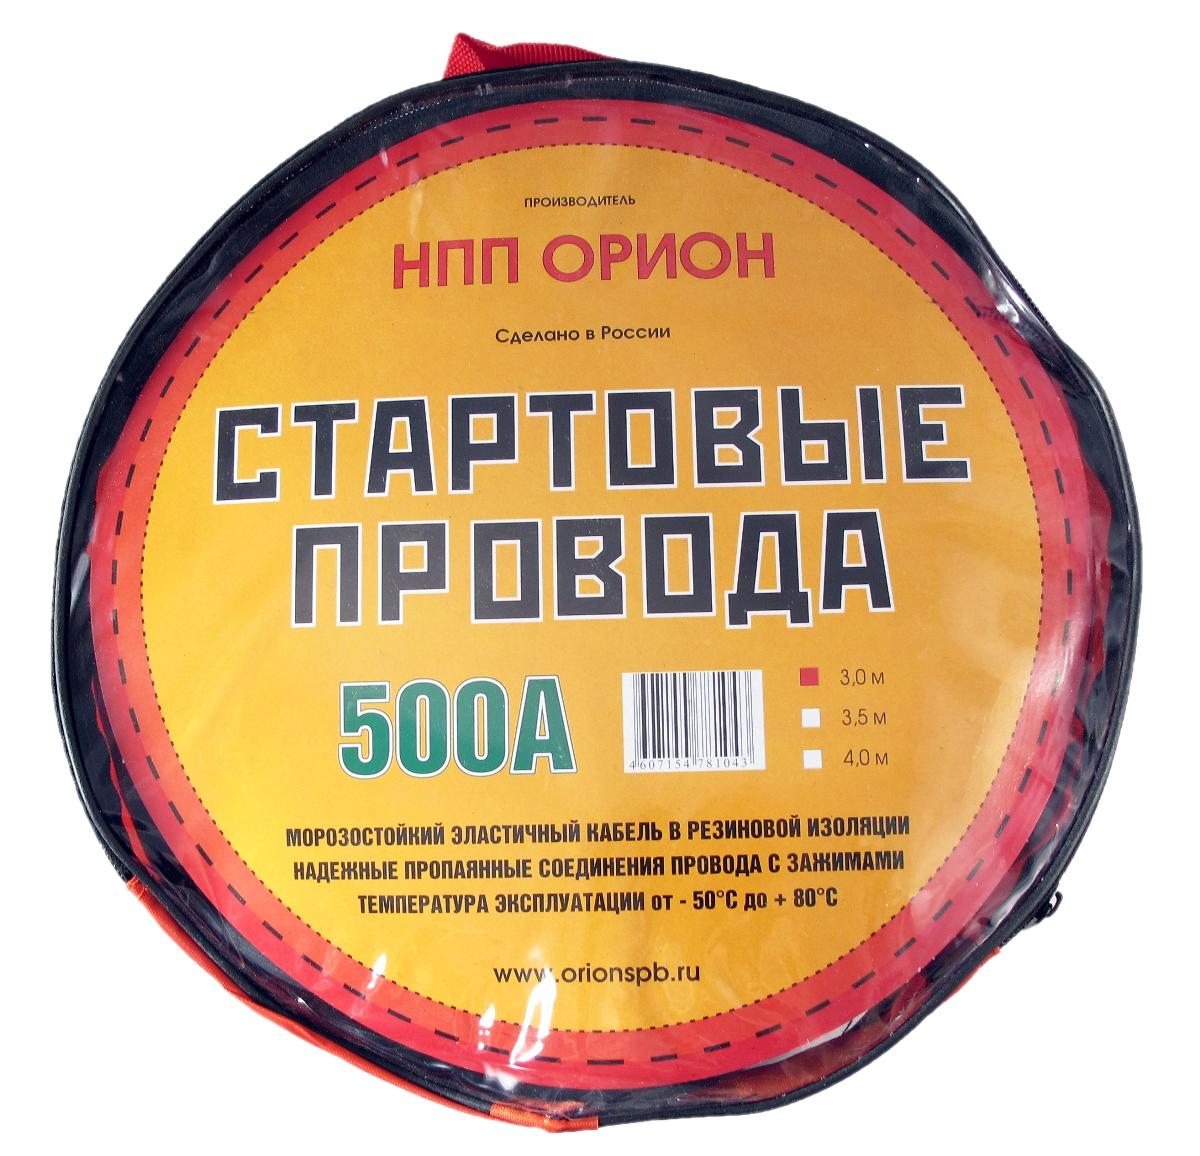 Стартовые провода Орион, хладостойкие, в сумке, 500А, 3 м5039Стартовые провода Орион авто предназначены для соединения одноименных клемм аккумуляторов автомобилей для того, чтобы осуществить дополнительную подпитку стартера в автомобиле с разряженной аккумуляторной батареей или загустевшим от мороза маслом. Особенности проводов:- Морозостойкий эластичный кабель в резиновой изоляции.- Многожильный медный проводник.-Полностью изолированные зажимы.-Надежные пропаянные соединения провода с зажимами.-Температура эксплуатации от -50°С до +80°С.Ток: 500 А.Длина проводов: 3 м.